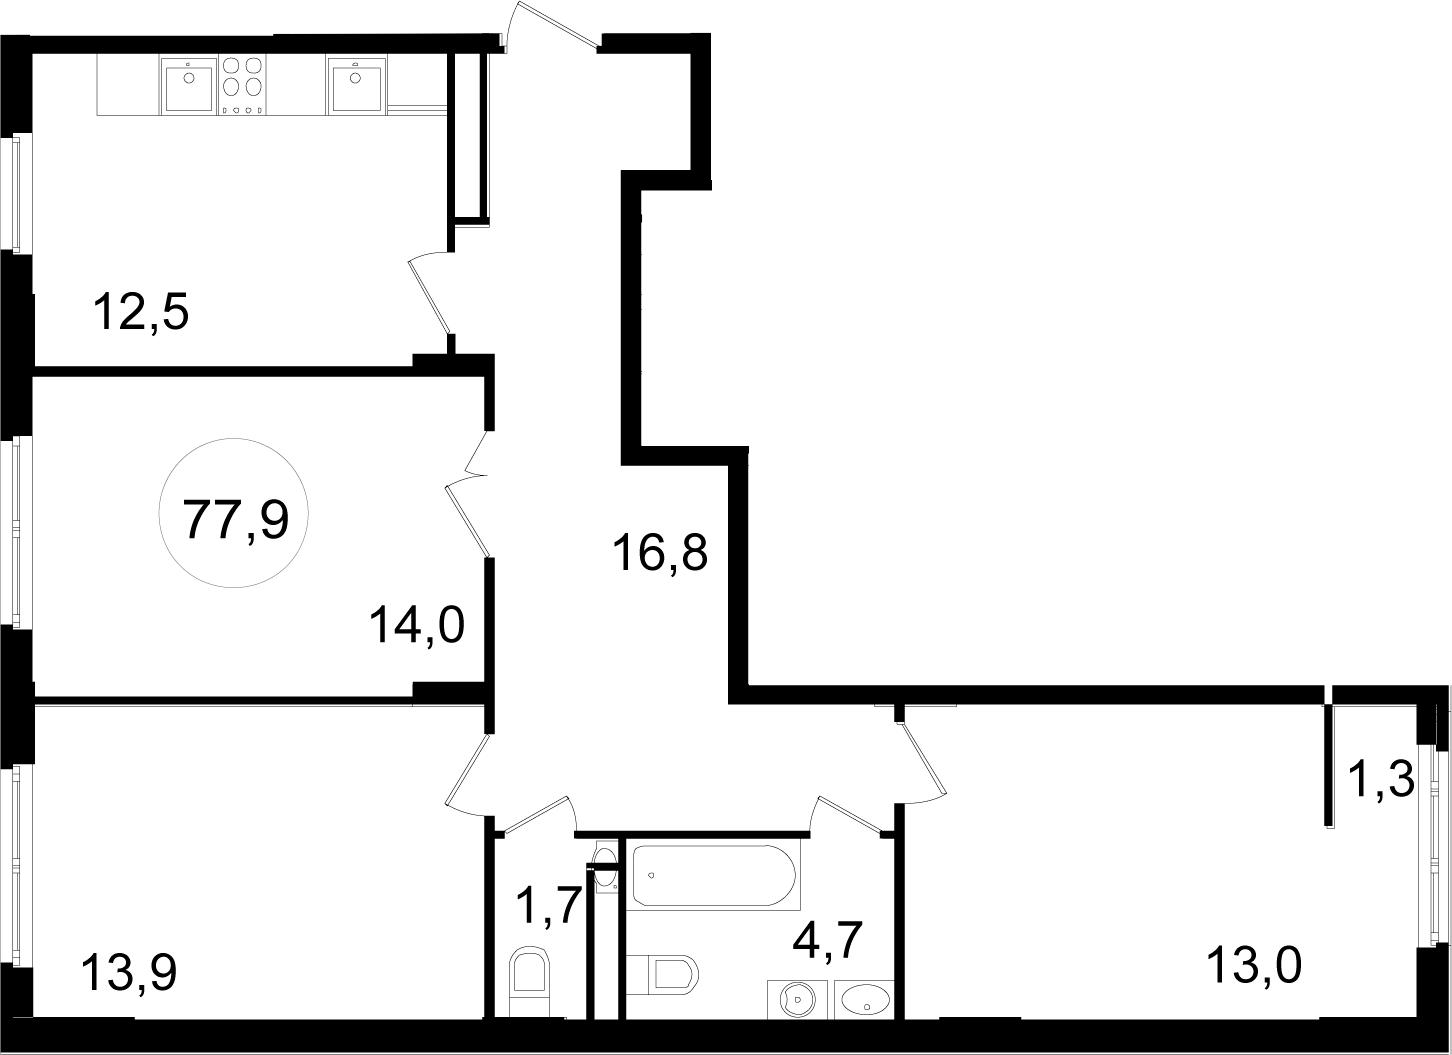 3-к.кв, 77.9 м²